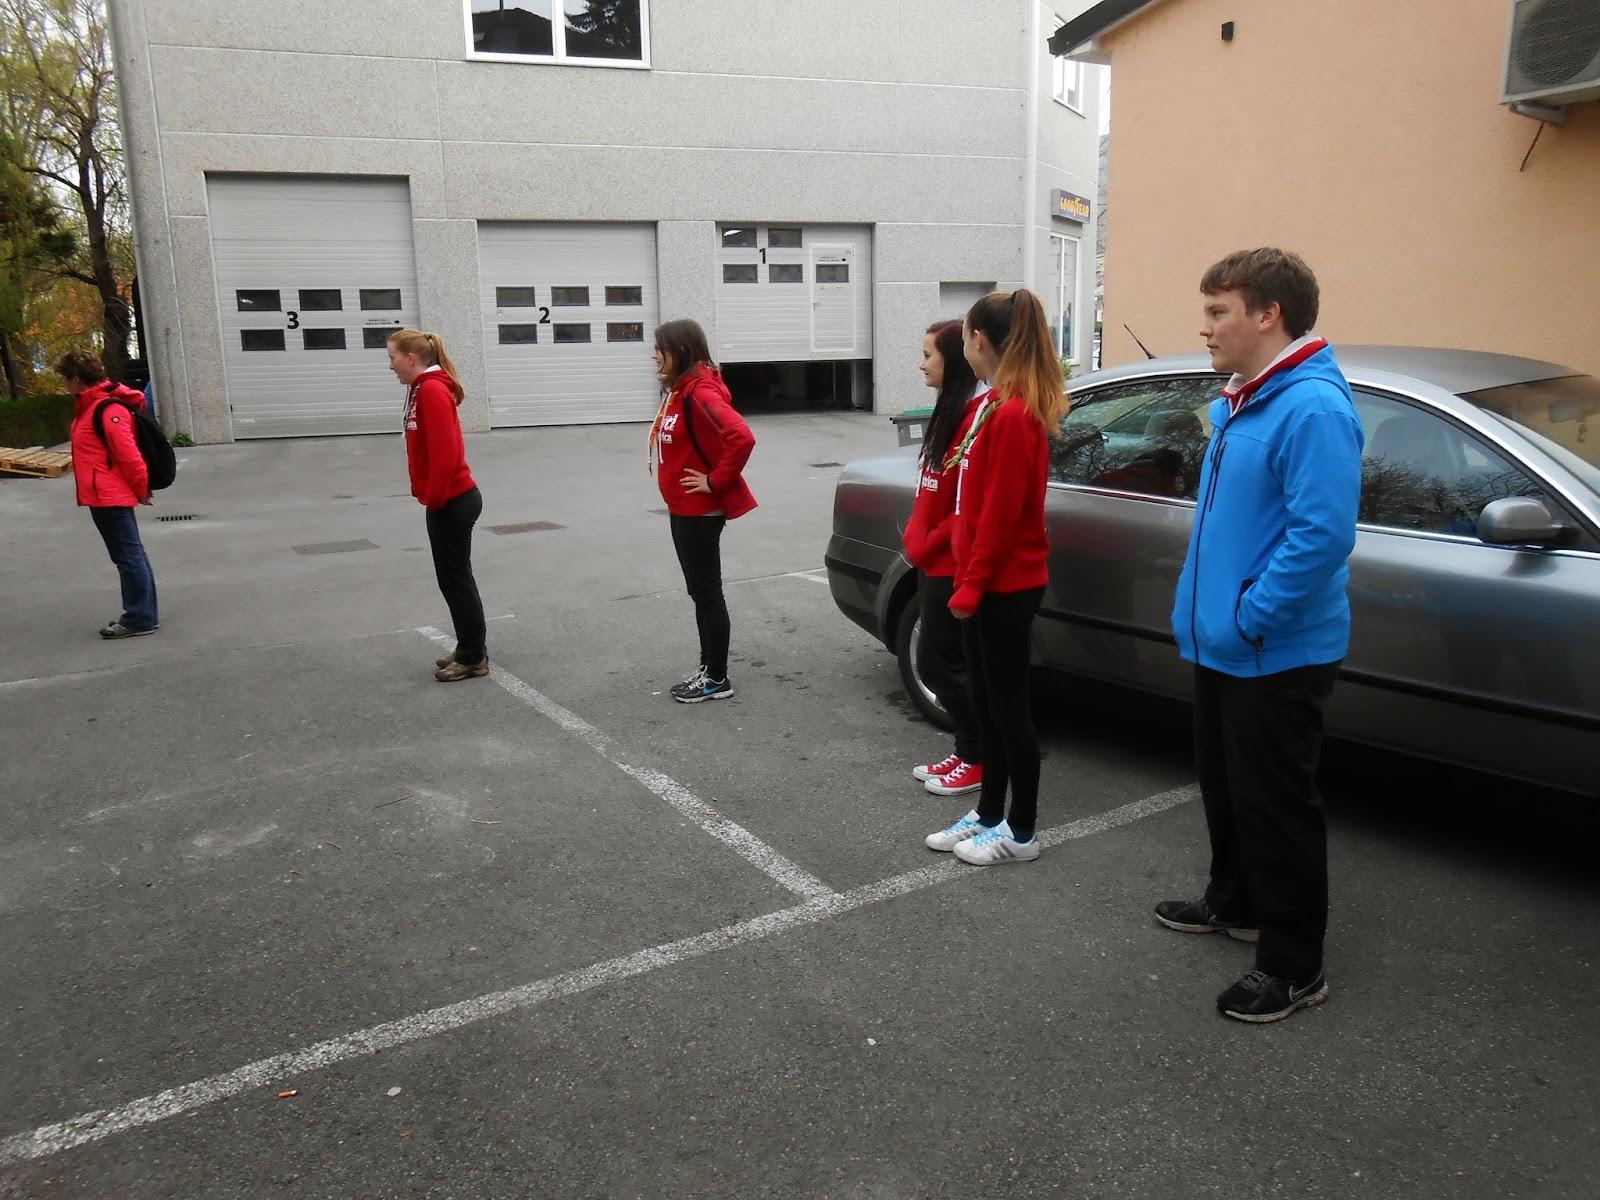 Športni dan 4. razred, 4. april 2014, Ilirska Bistrica - DSCN3310.JPG